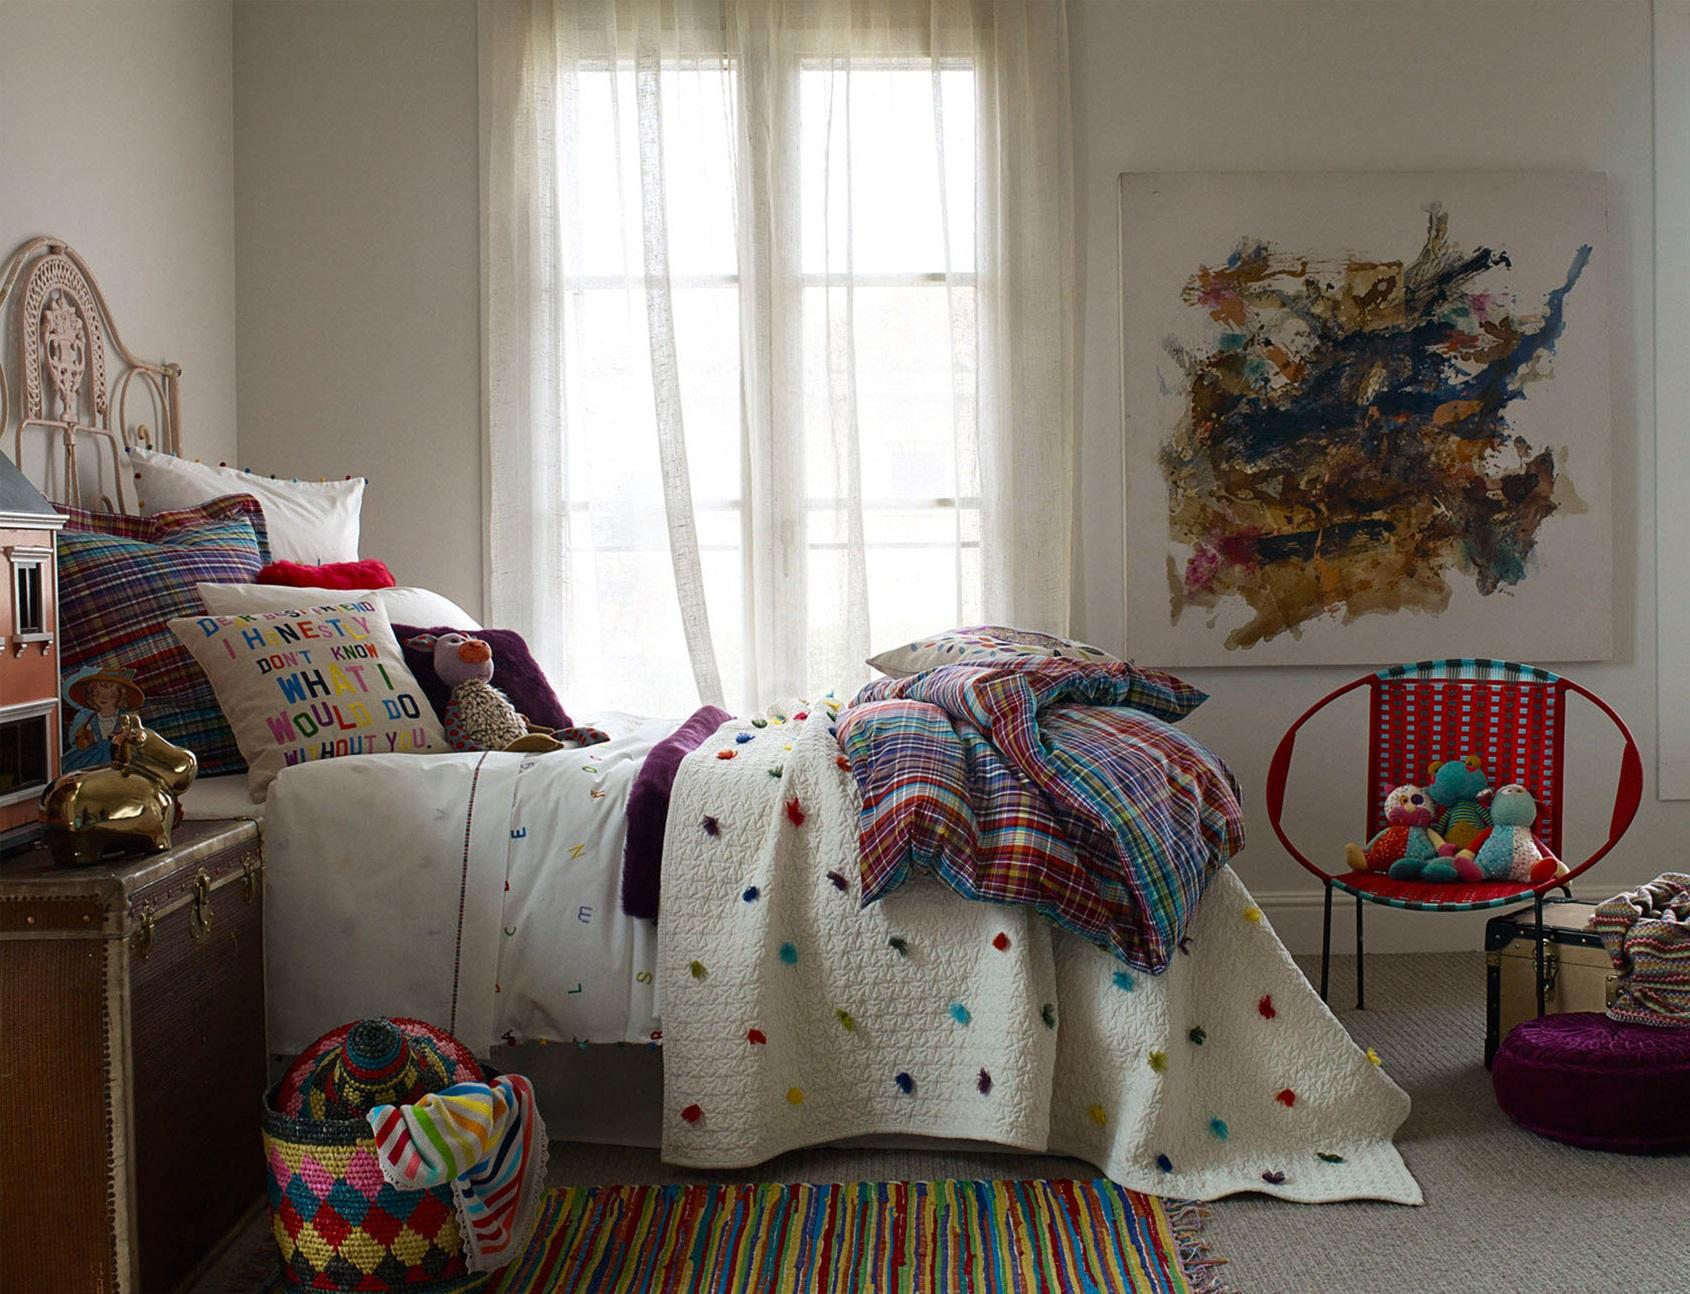 Zara home kids otono invierno 2014 201512 - Zara home kids cortinas ...